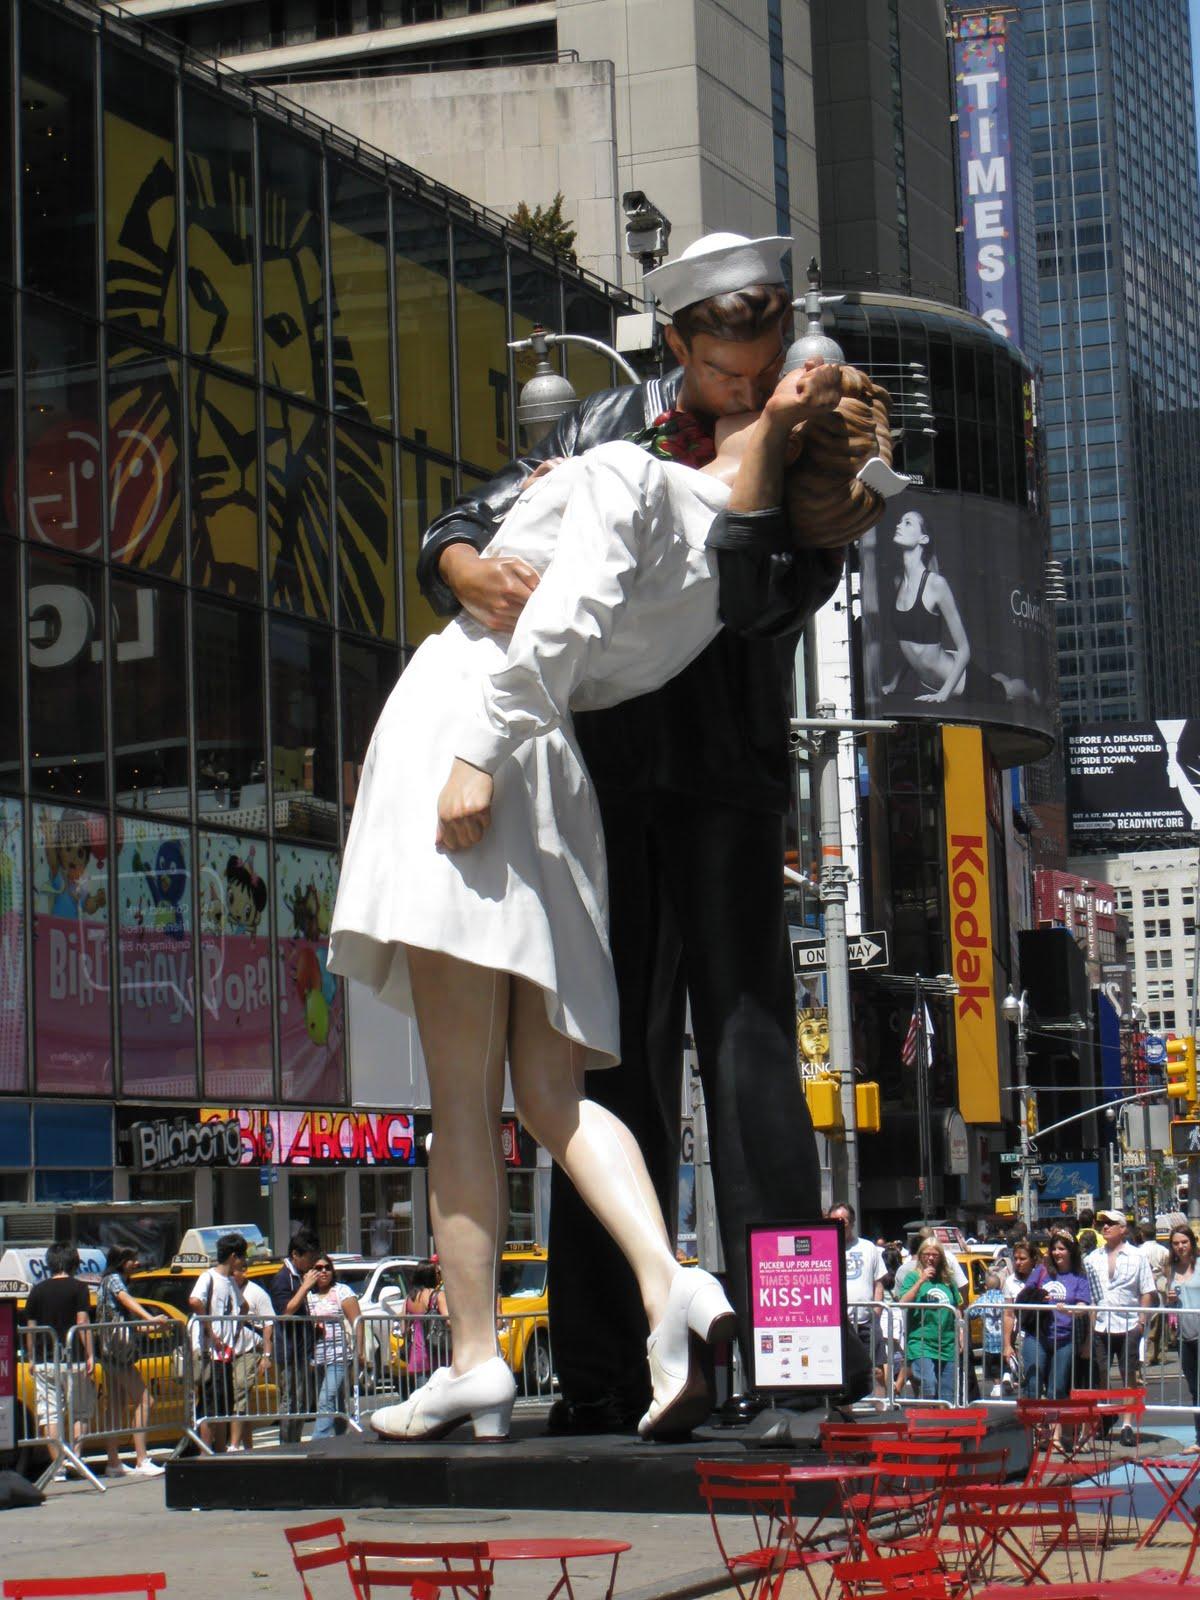 http://2.bp.blogspot.com/_kng9nNTclfs/TGhqTTR6ffI/AAAAAAAABYk/L6H7Lkwjly8/s1600/Kiss_sculpture_TimesSquare_03.JPG